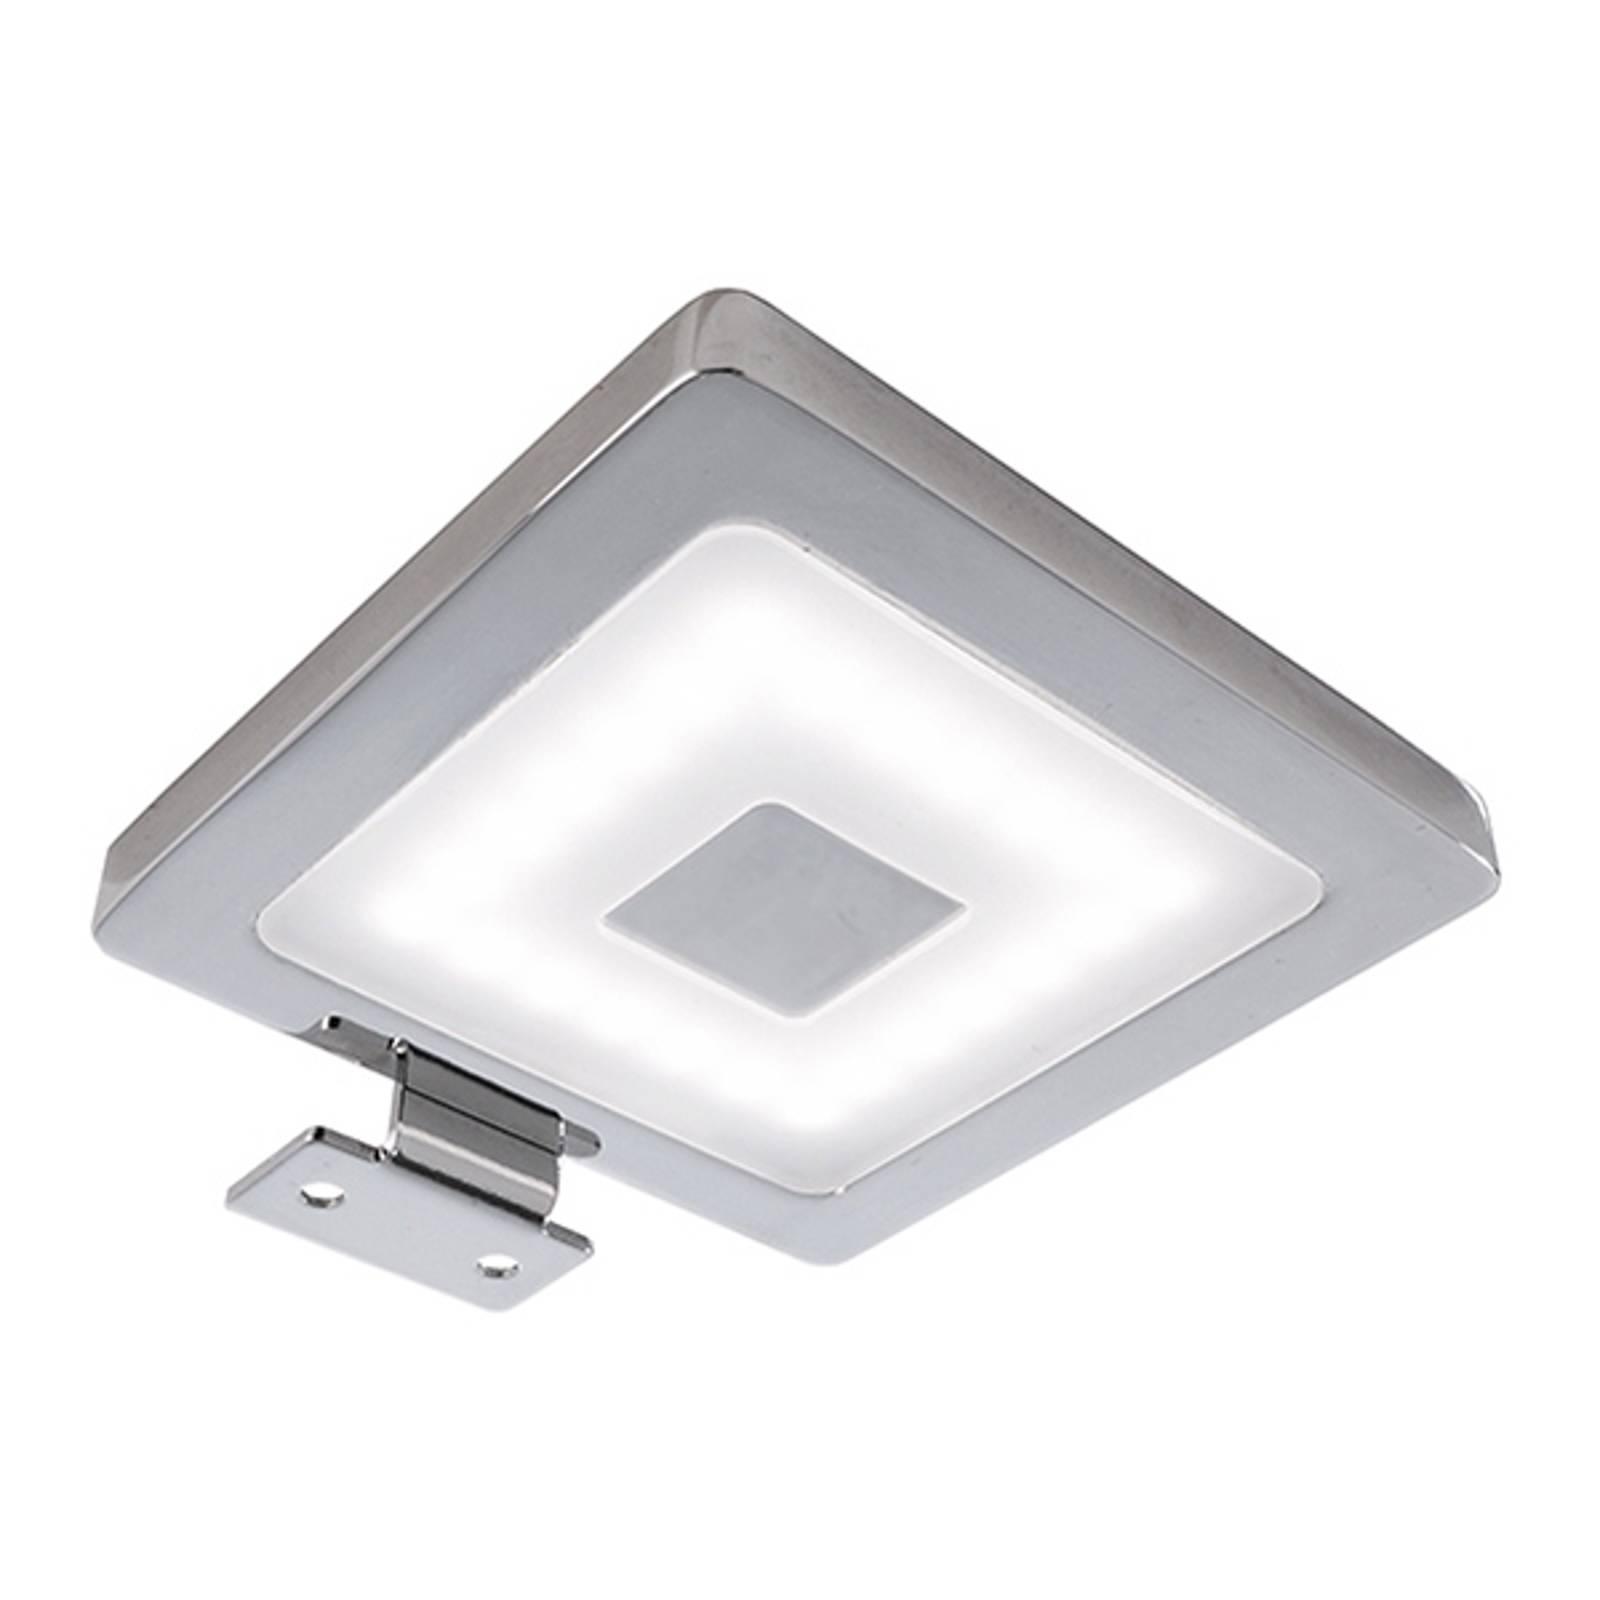 Kulmikas pinta-asennettava LED-kalustevalo Peili